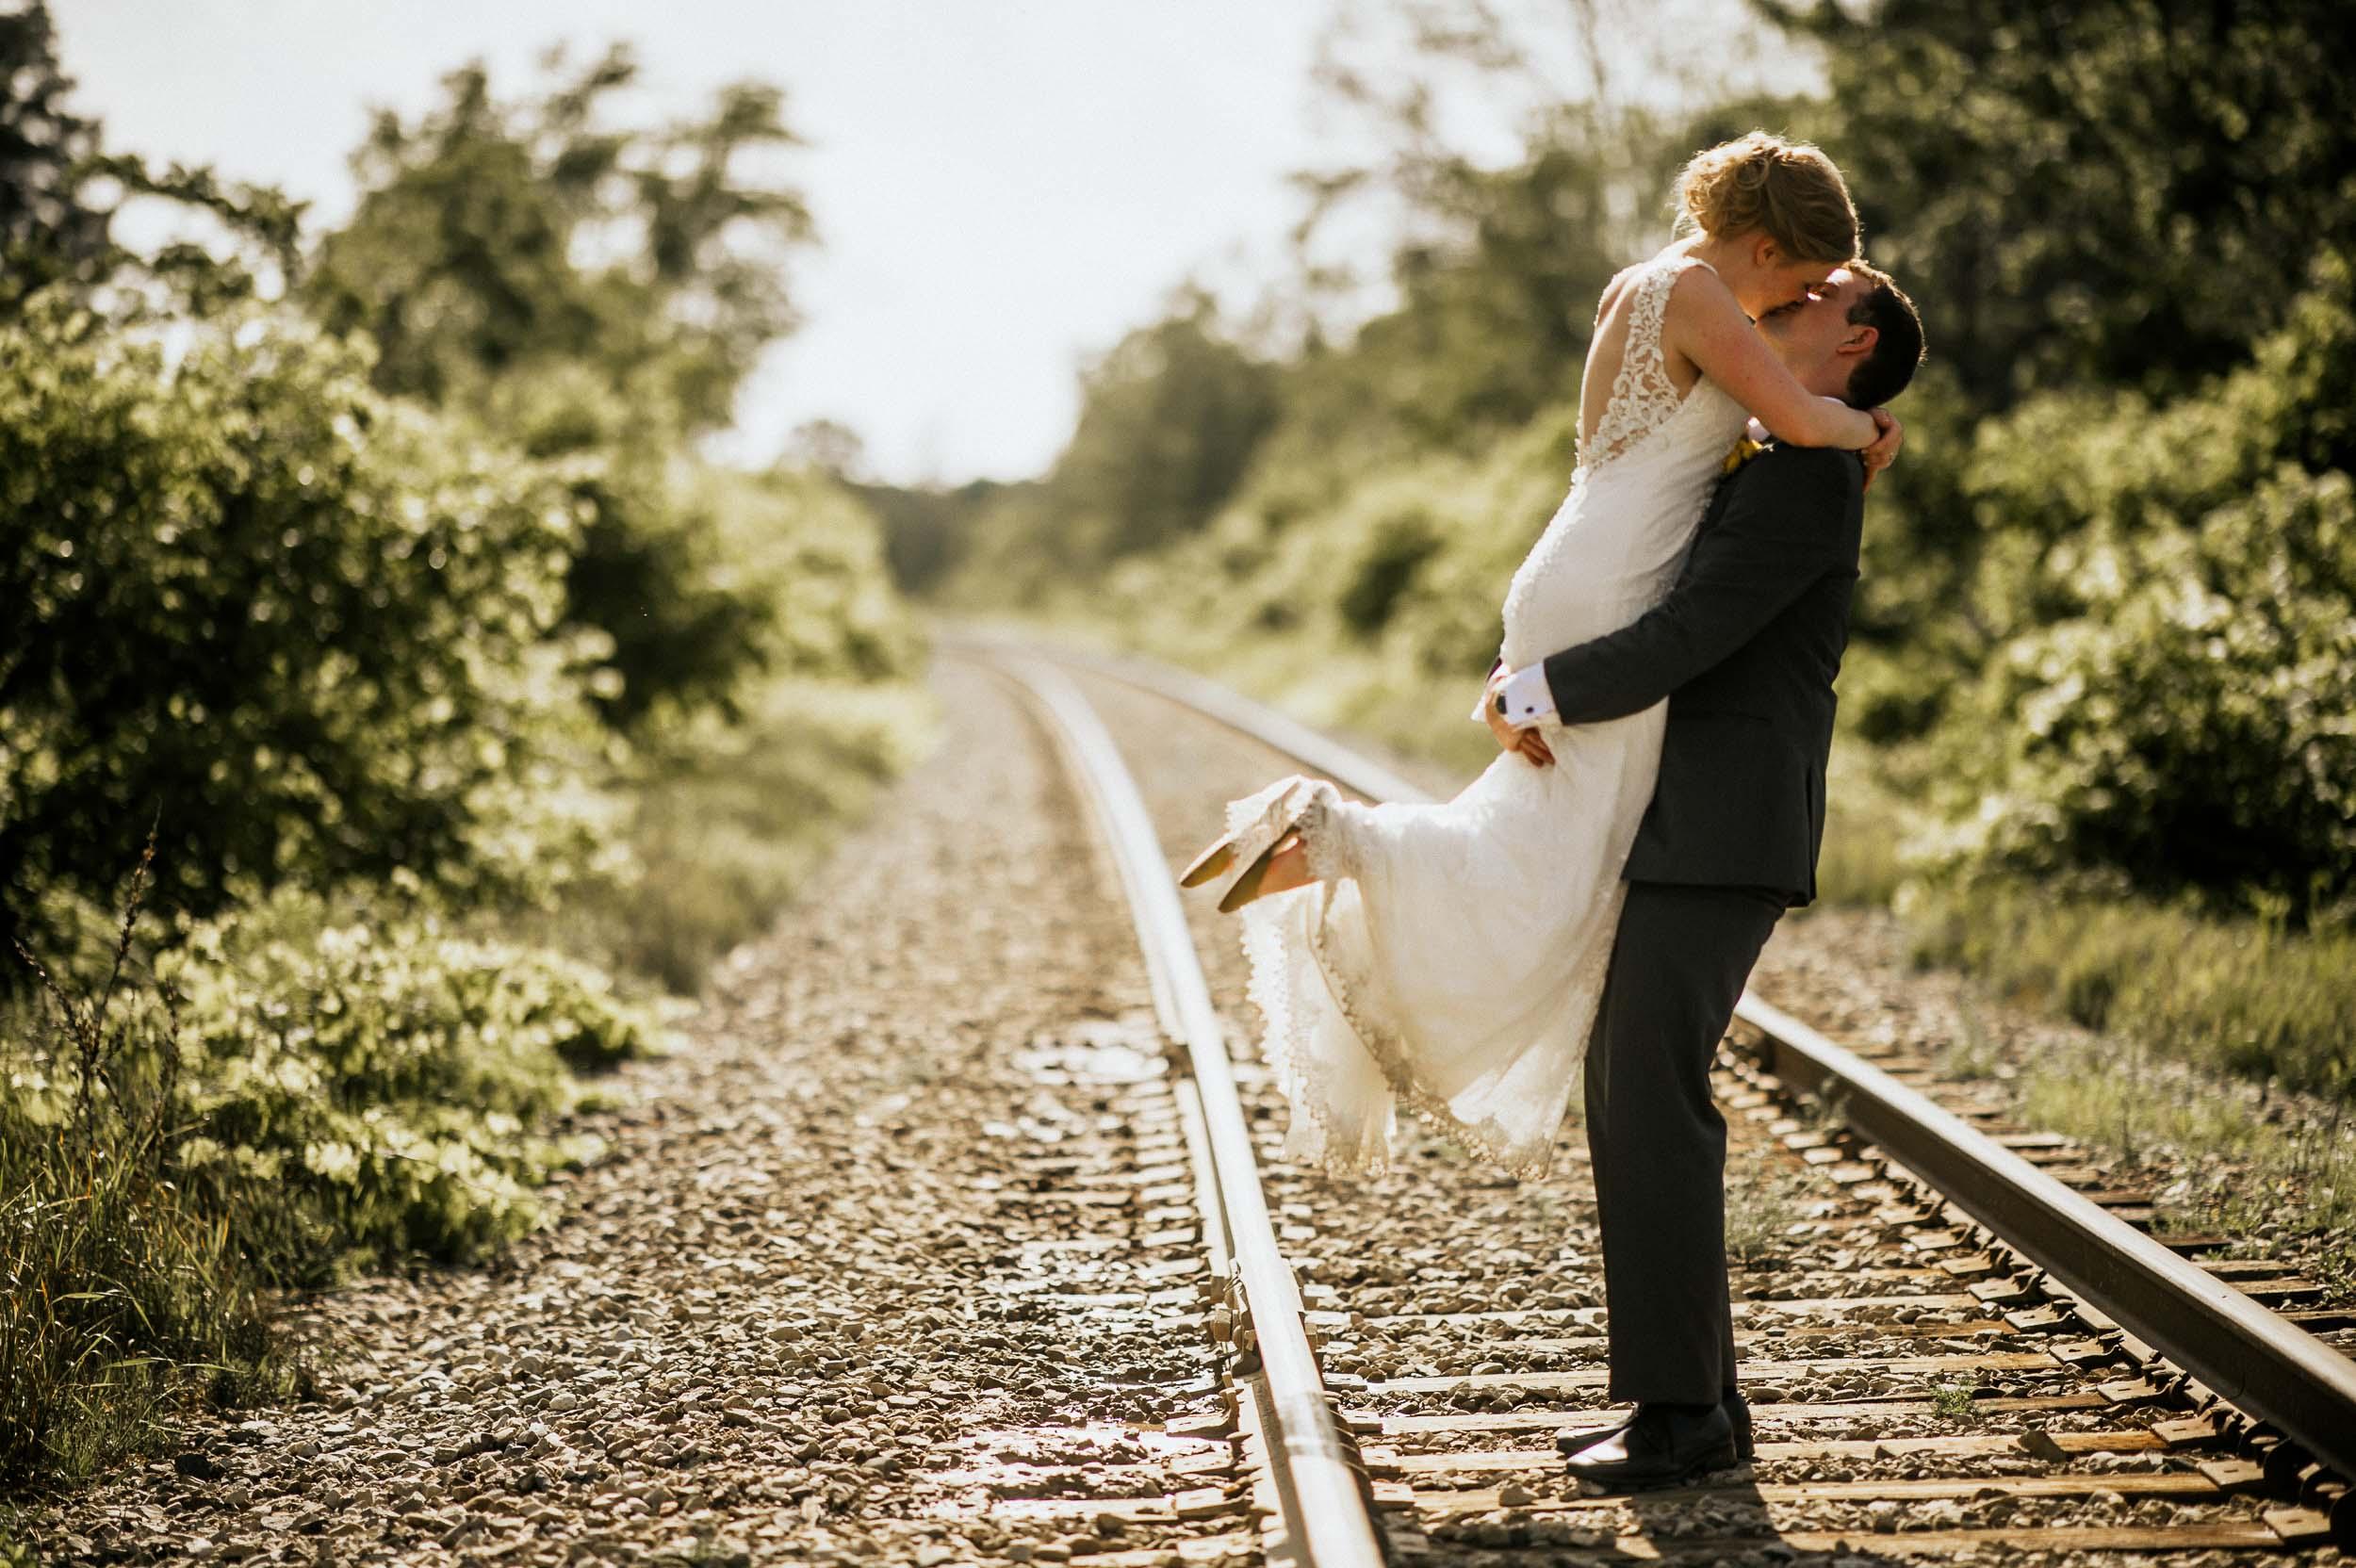 wedding-photography-stratford-davidiam-158.jpg